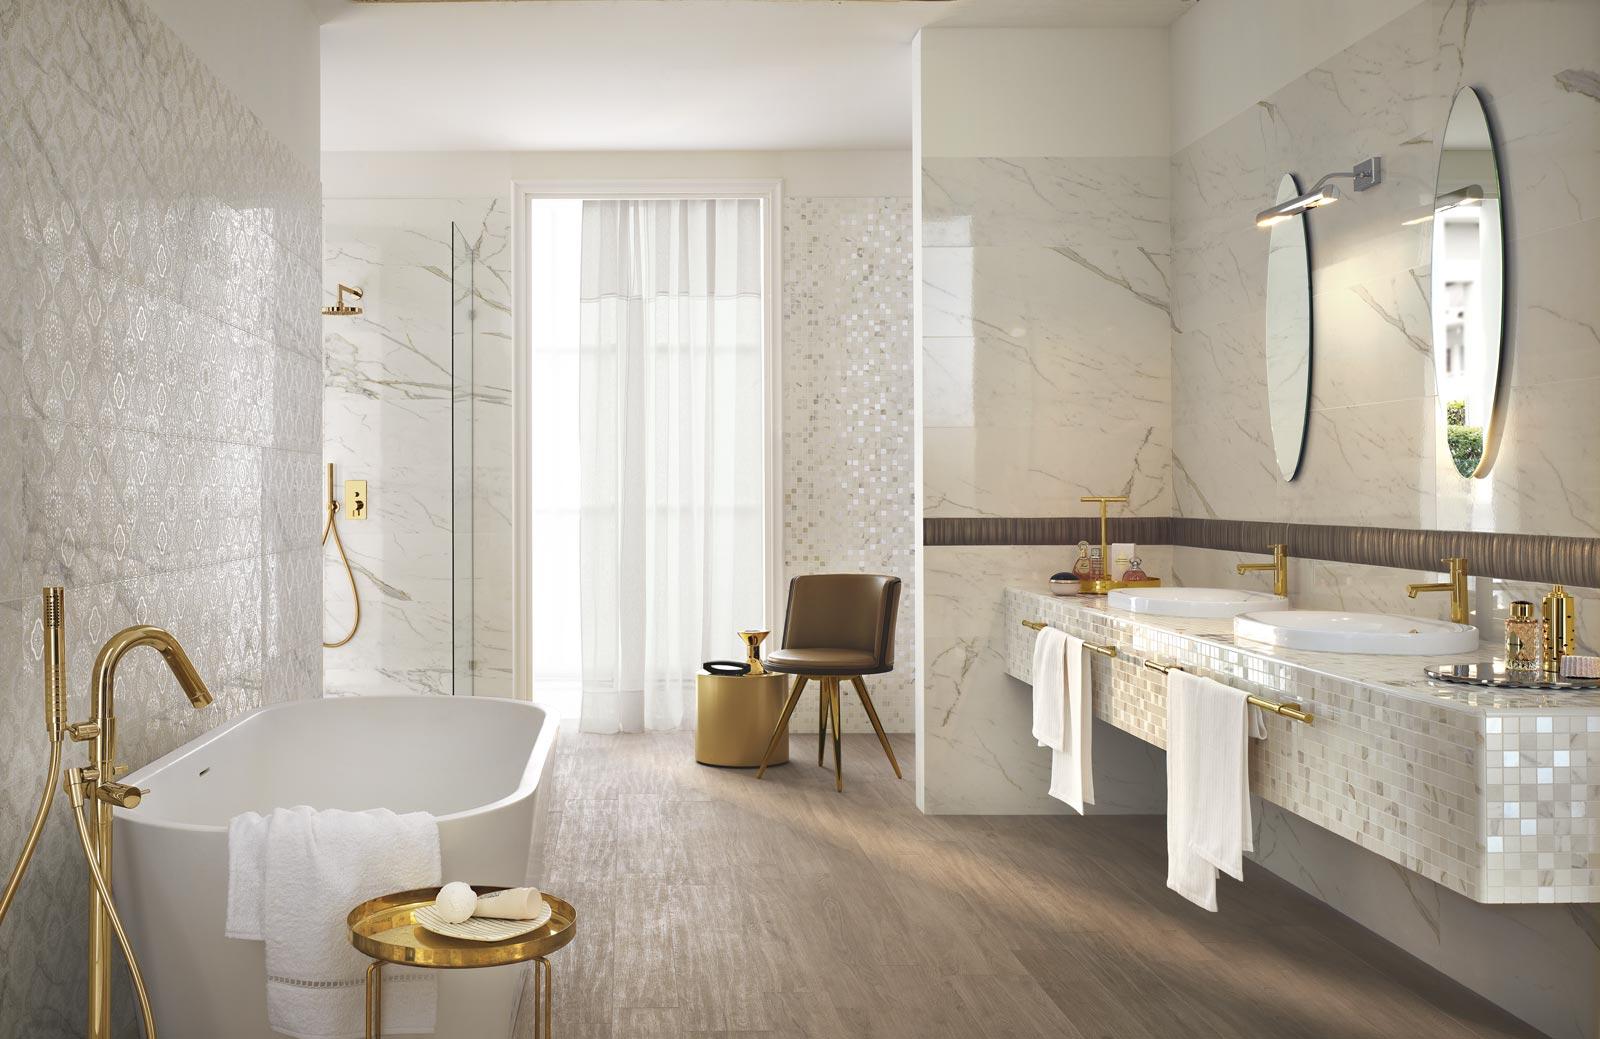 Collezione daylight rivestimenti bagno effetto marmo ragno - Ceramiche bagno classico ...